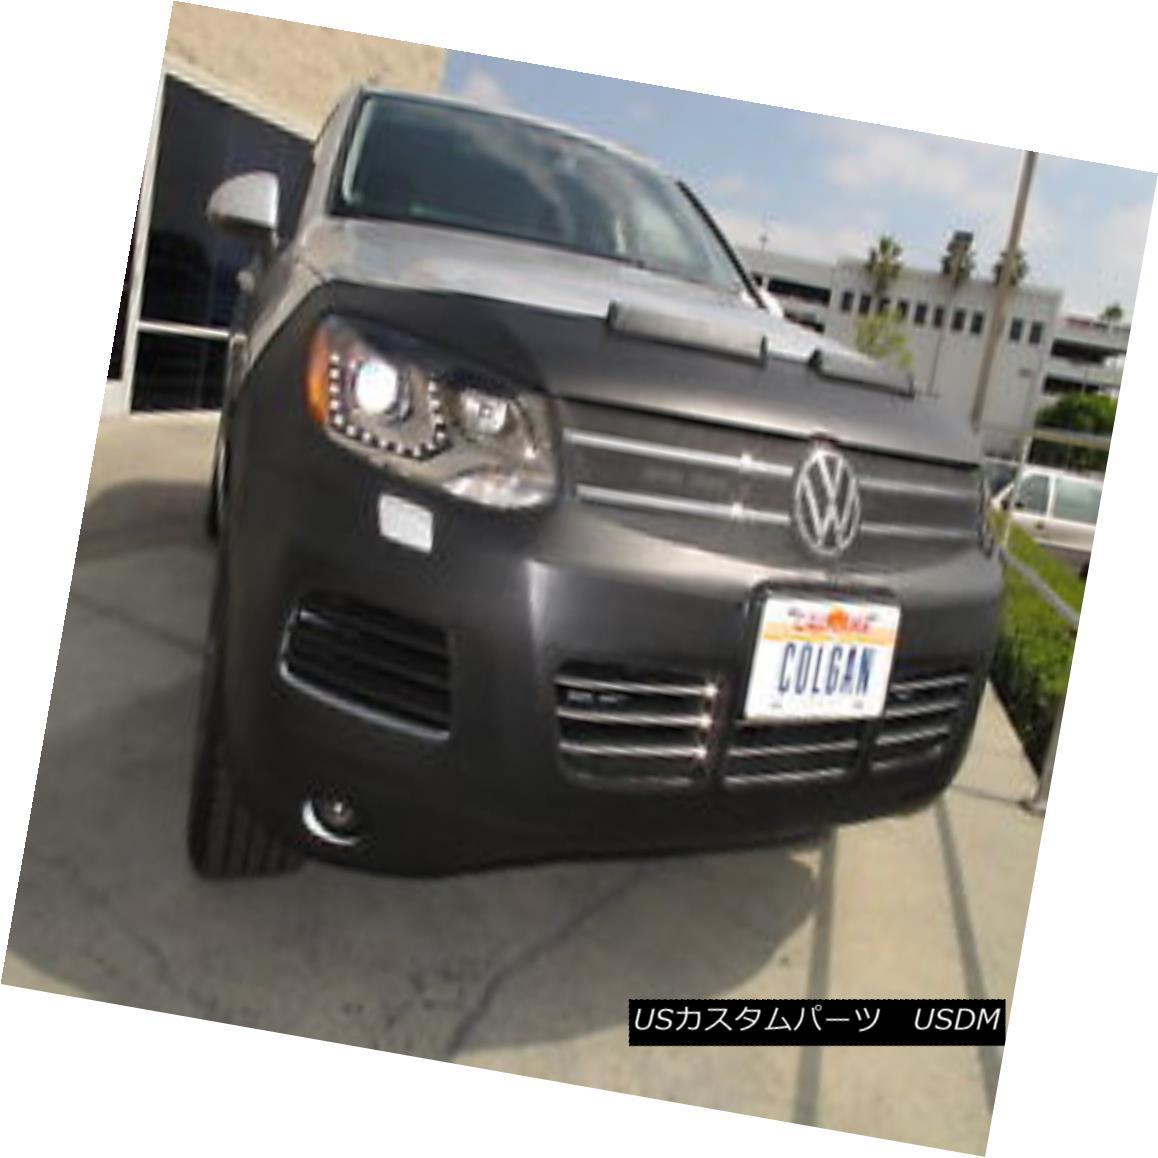 フルブラ ノーズブラ Colgan Front End Mask Bra 2pc. Fits VW Touareg 2011-2014 W/License コルガンフロントエンドマスクブラ2pc VW Touareg 2011-2014 W / Licenseに適合